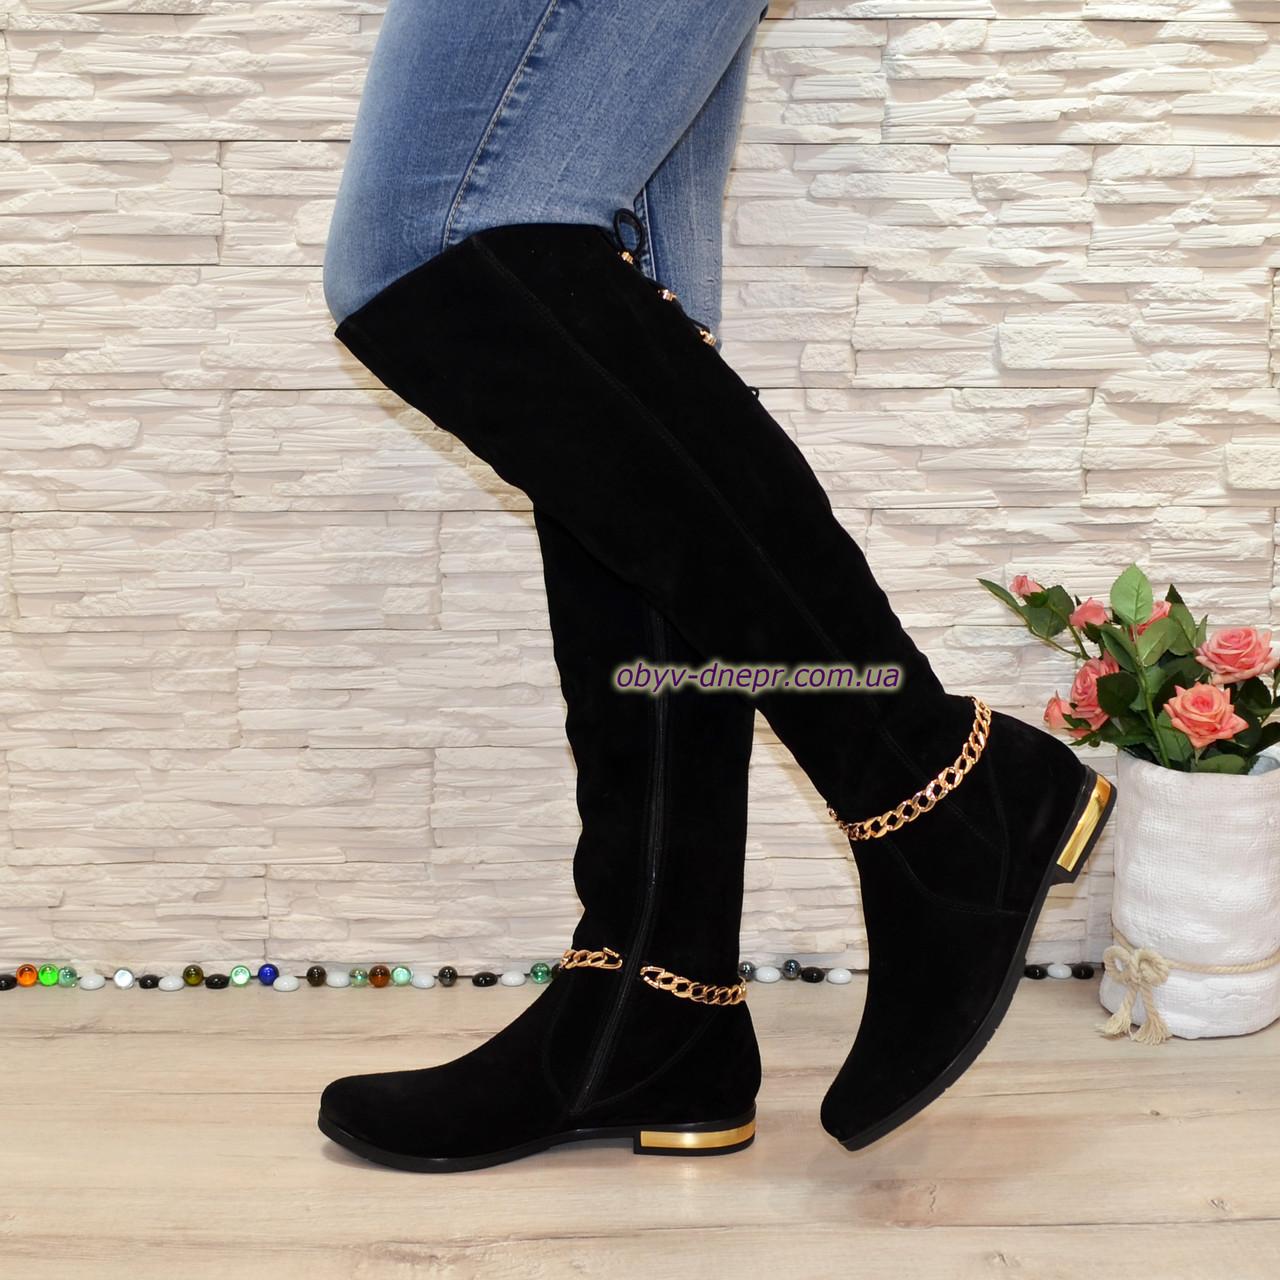 Ботфорты замшевые черные женские, декорированы цепью